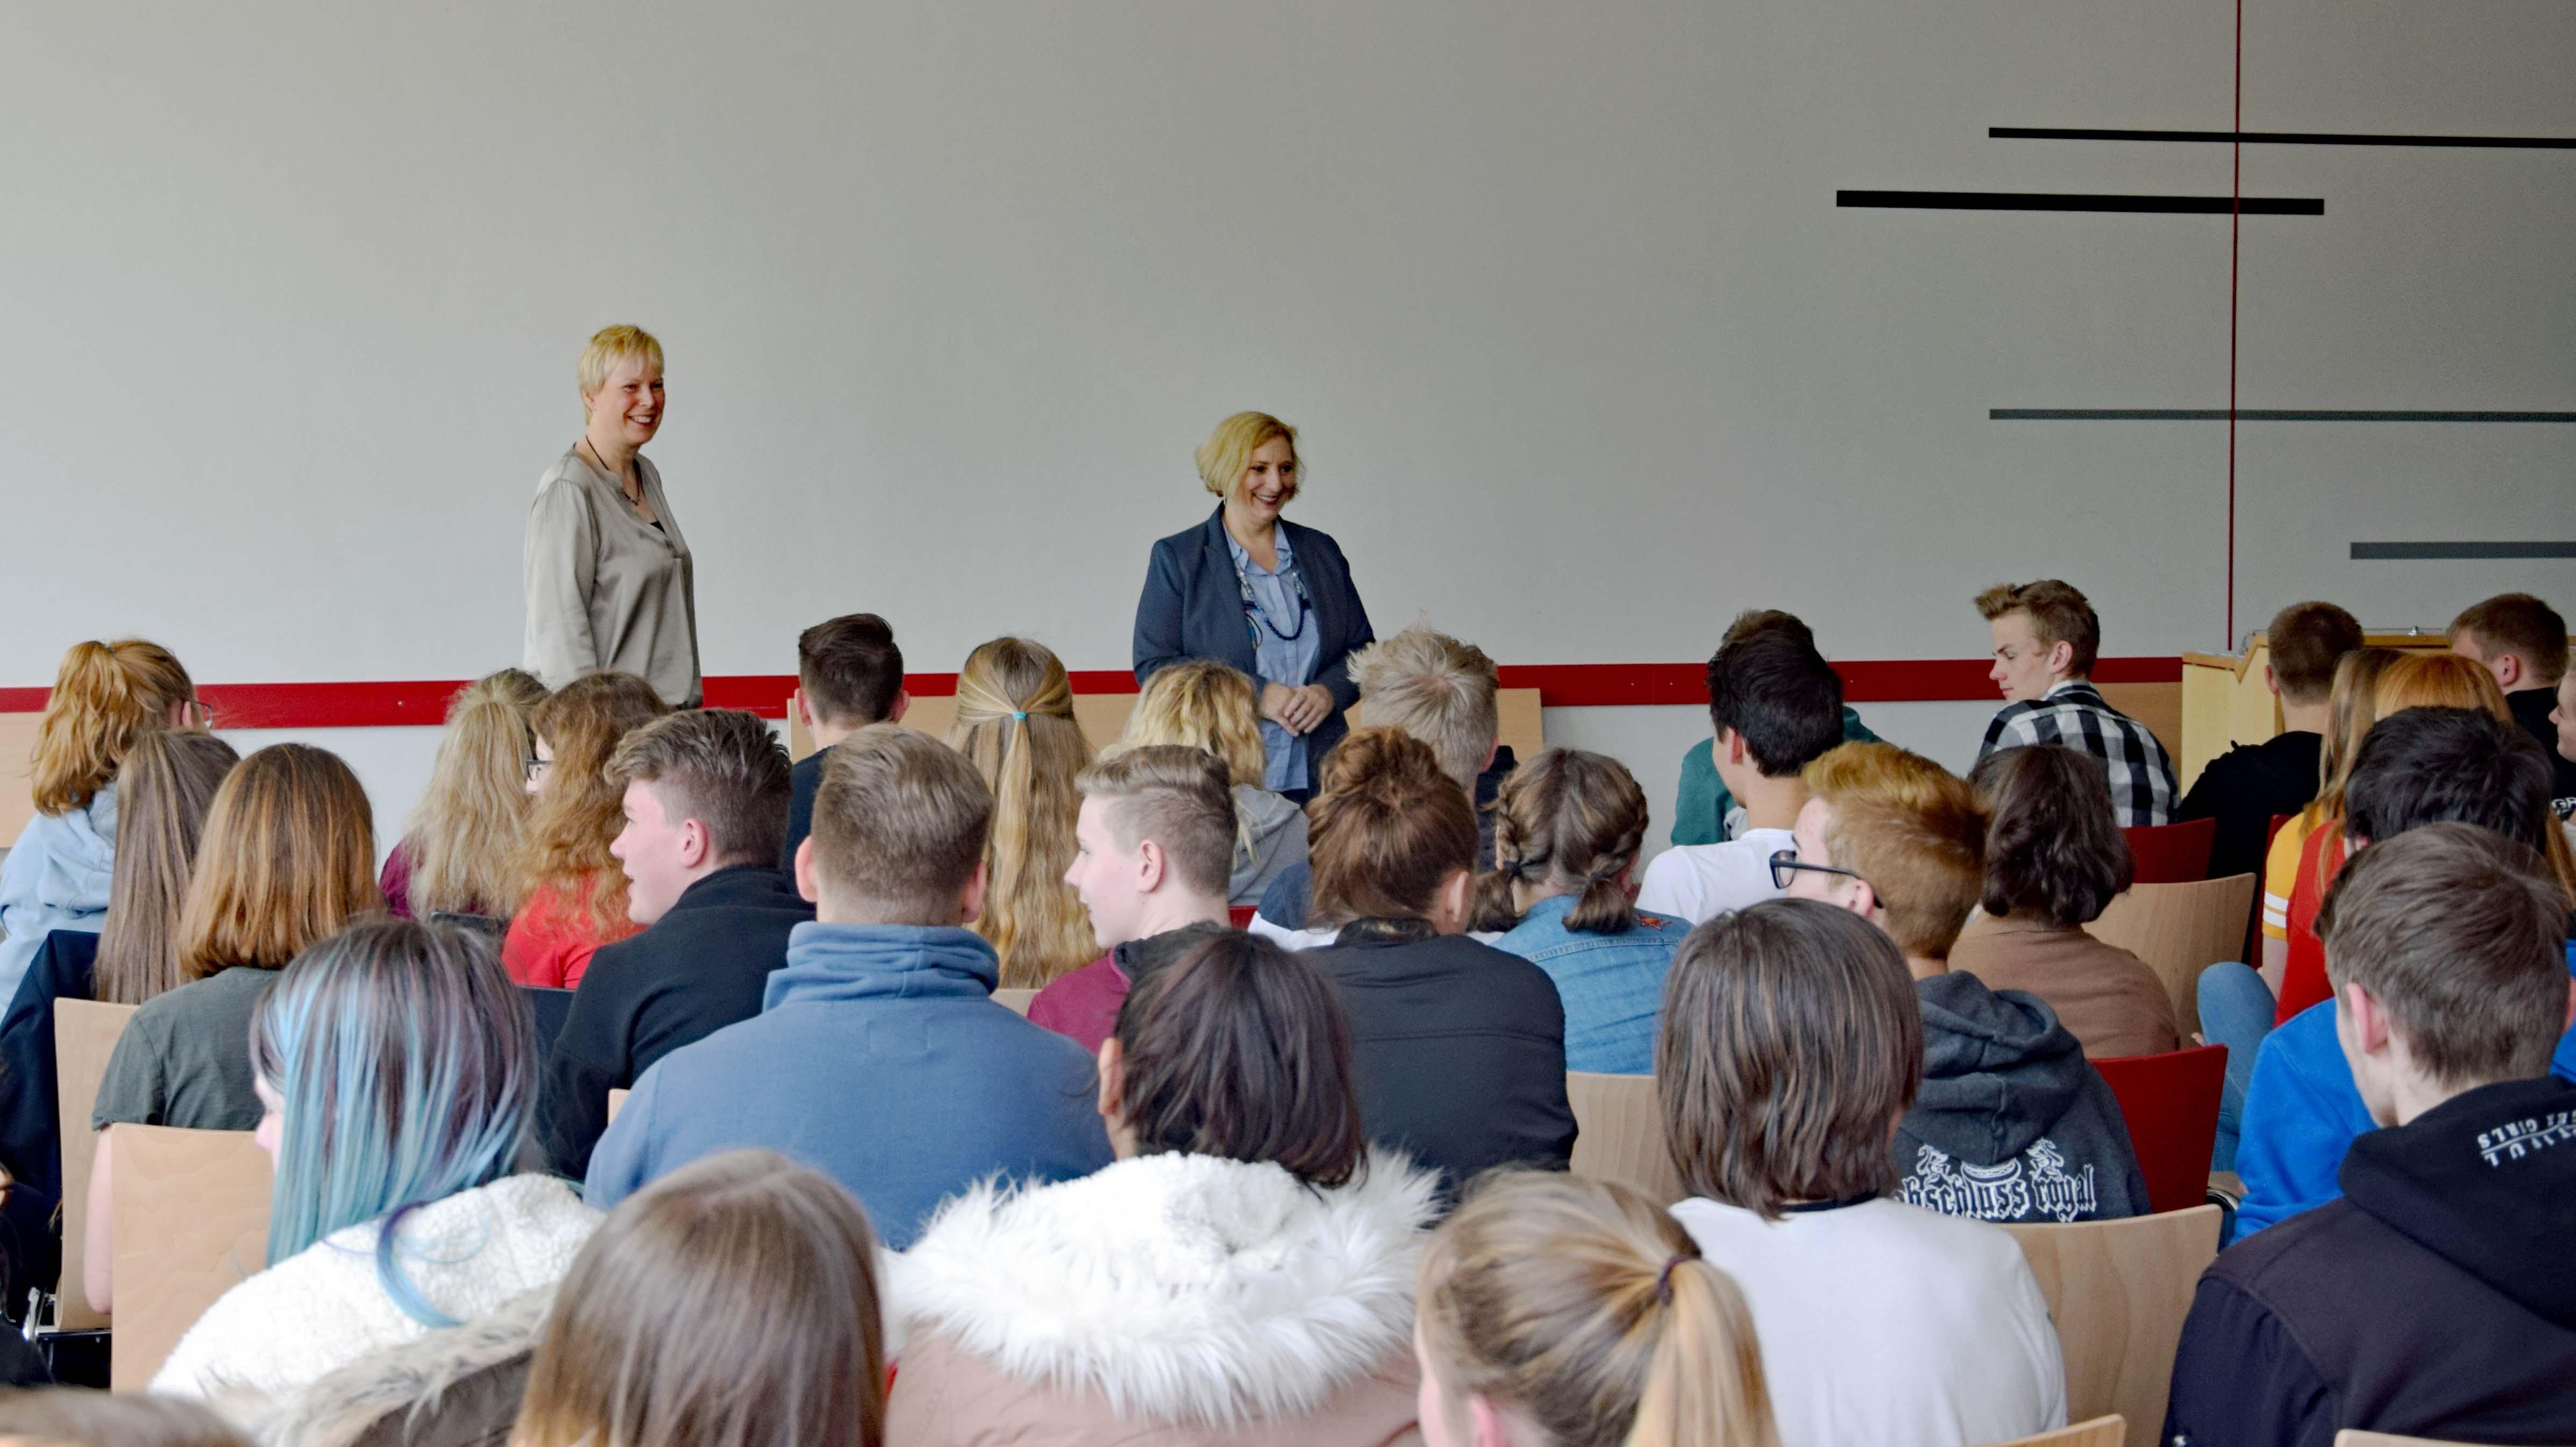 Dr. Daniela De Ridder bei der Diskussion mit den Schülerinnen und Schülern der Wilhelm-Staehle-Schule